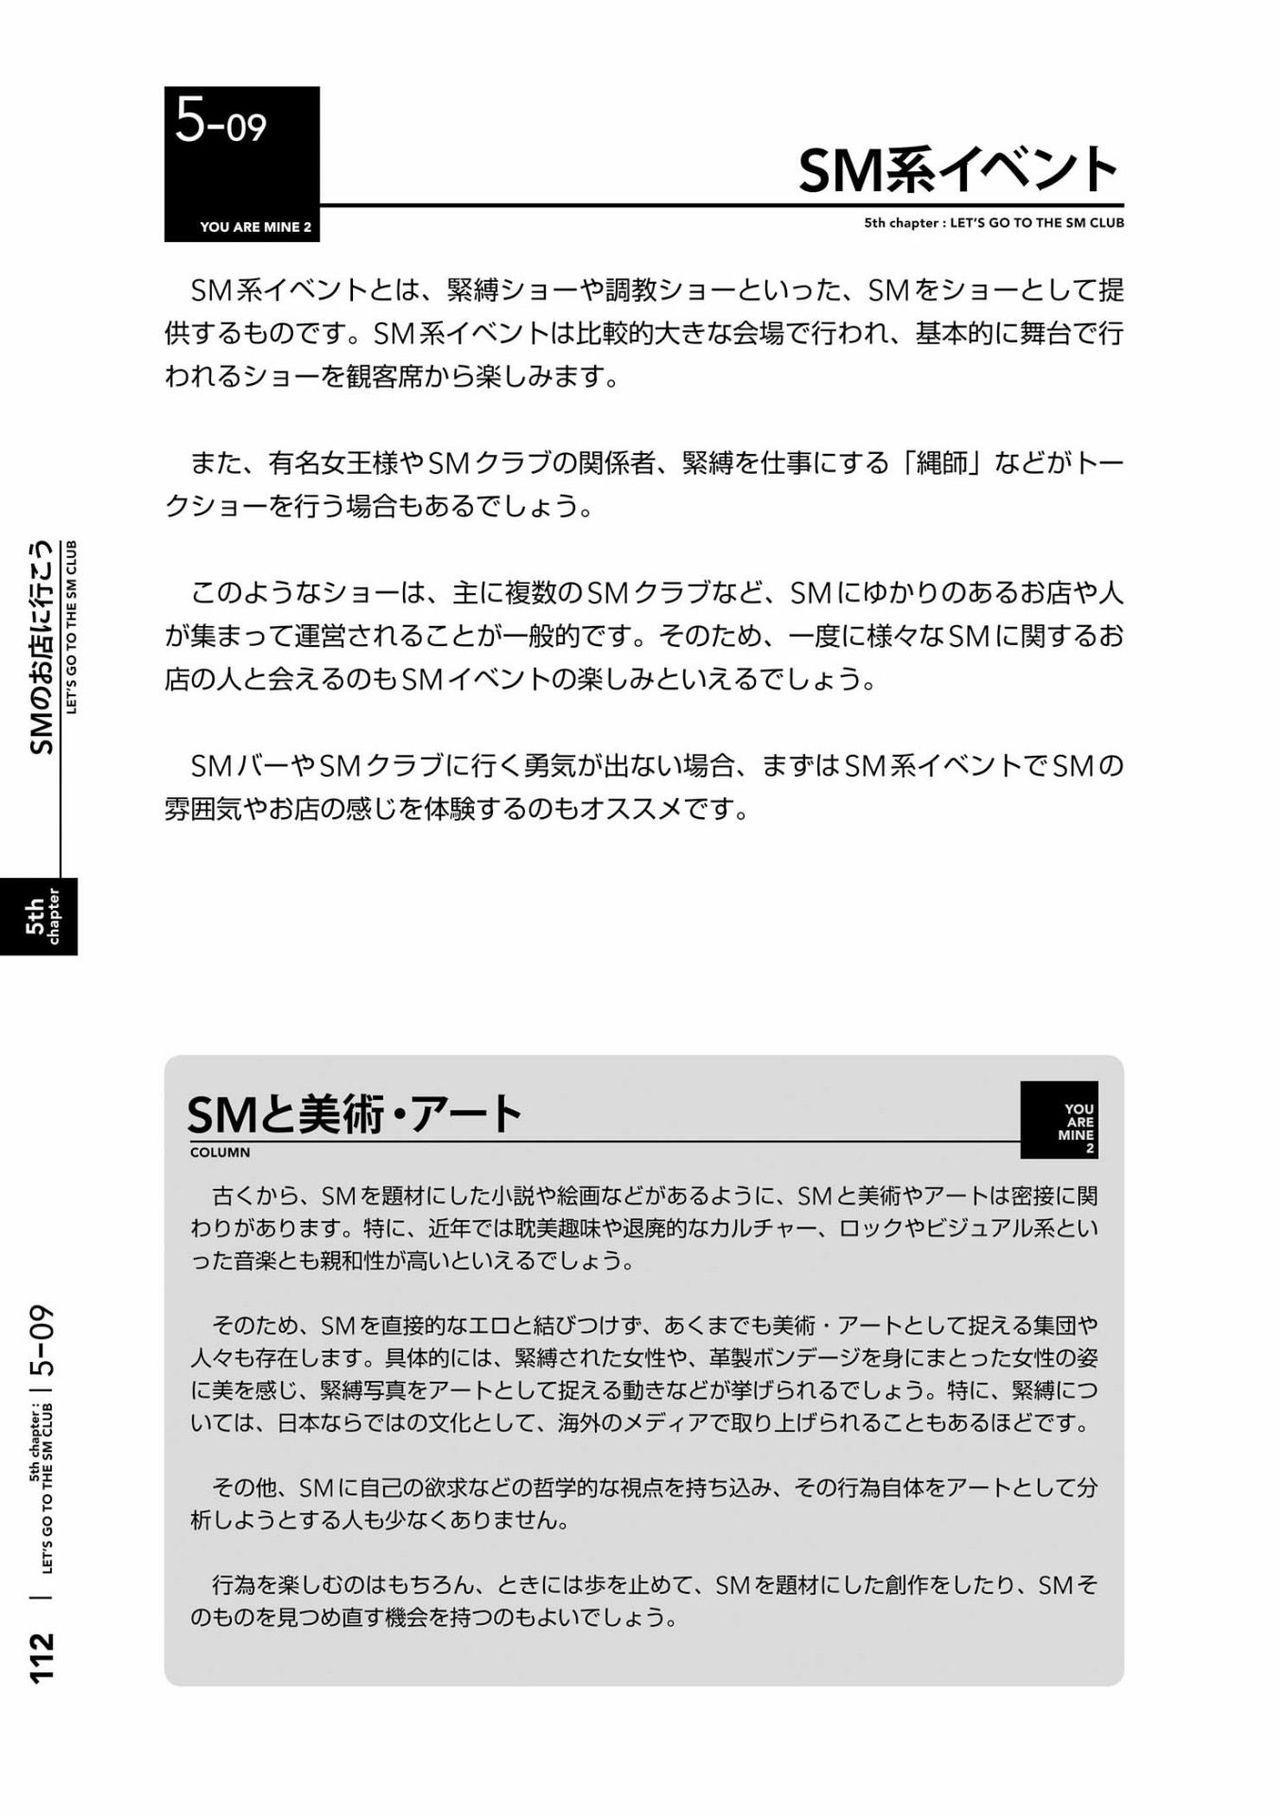 [Mitsuba] Karada mo Kokoro mo Boku no Mono ~Hajimete no SM Guide~ 2 [Digital] 114